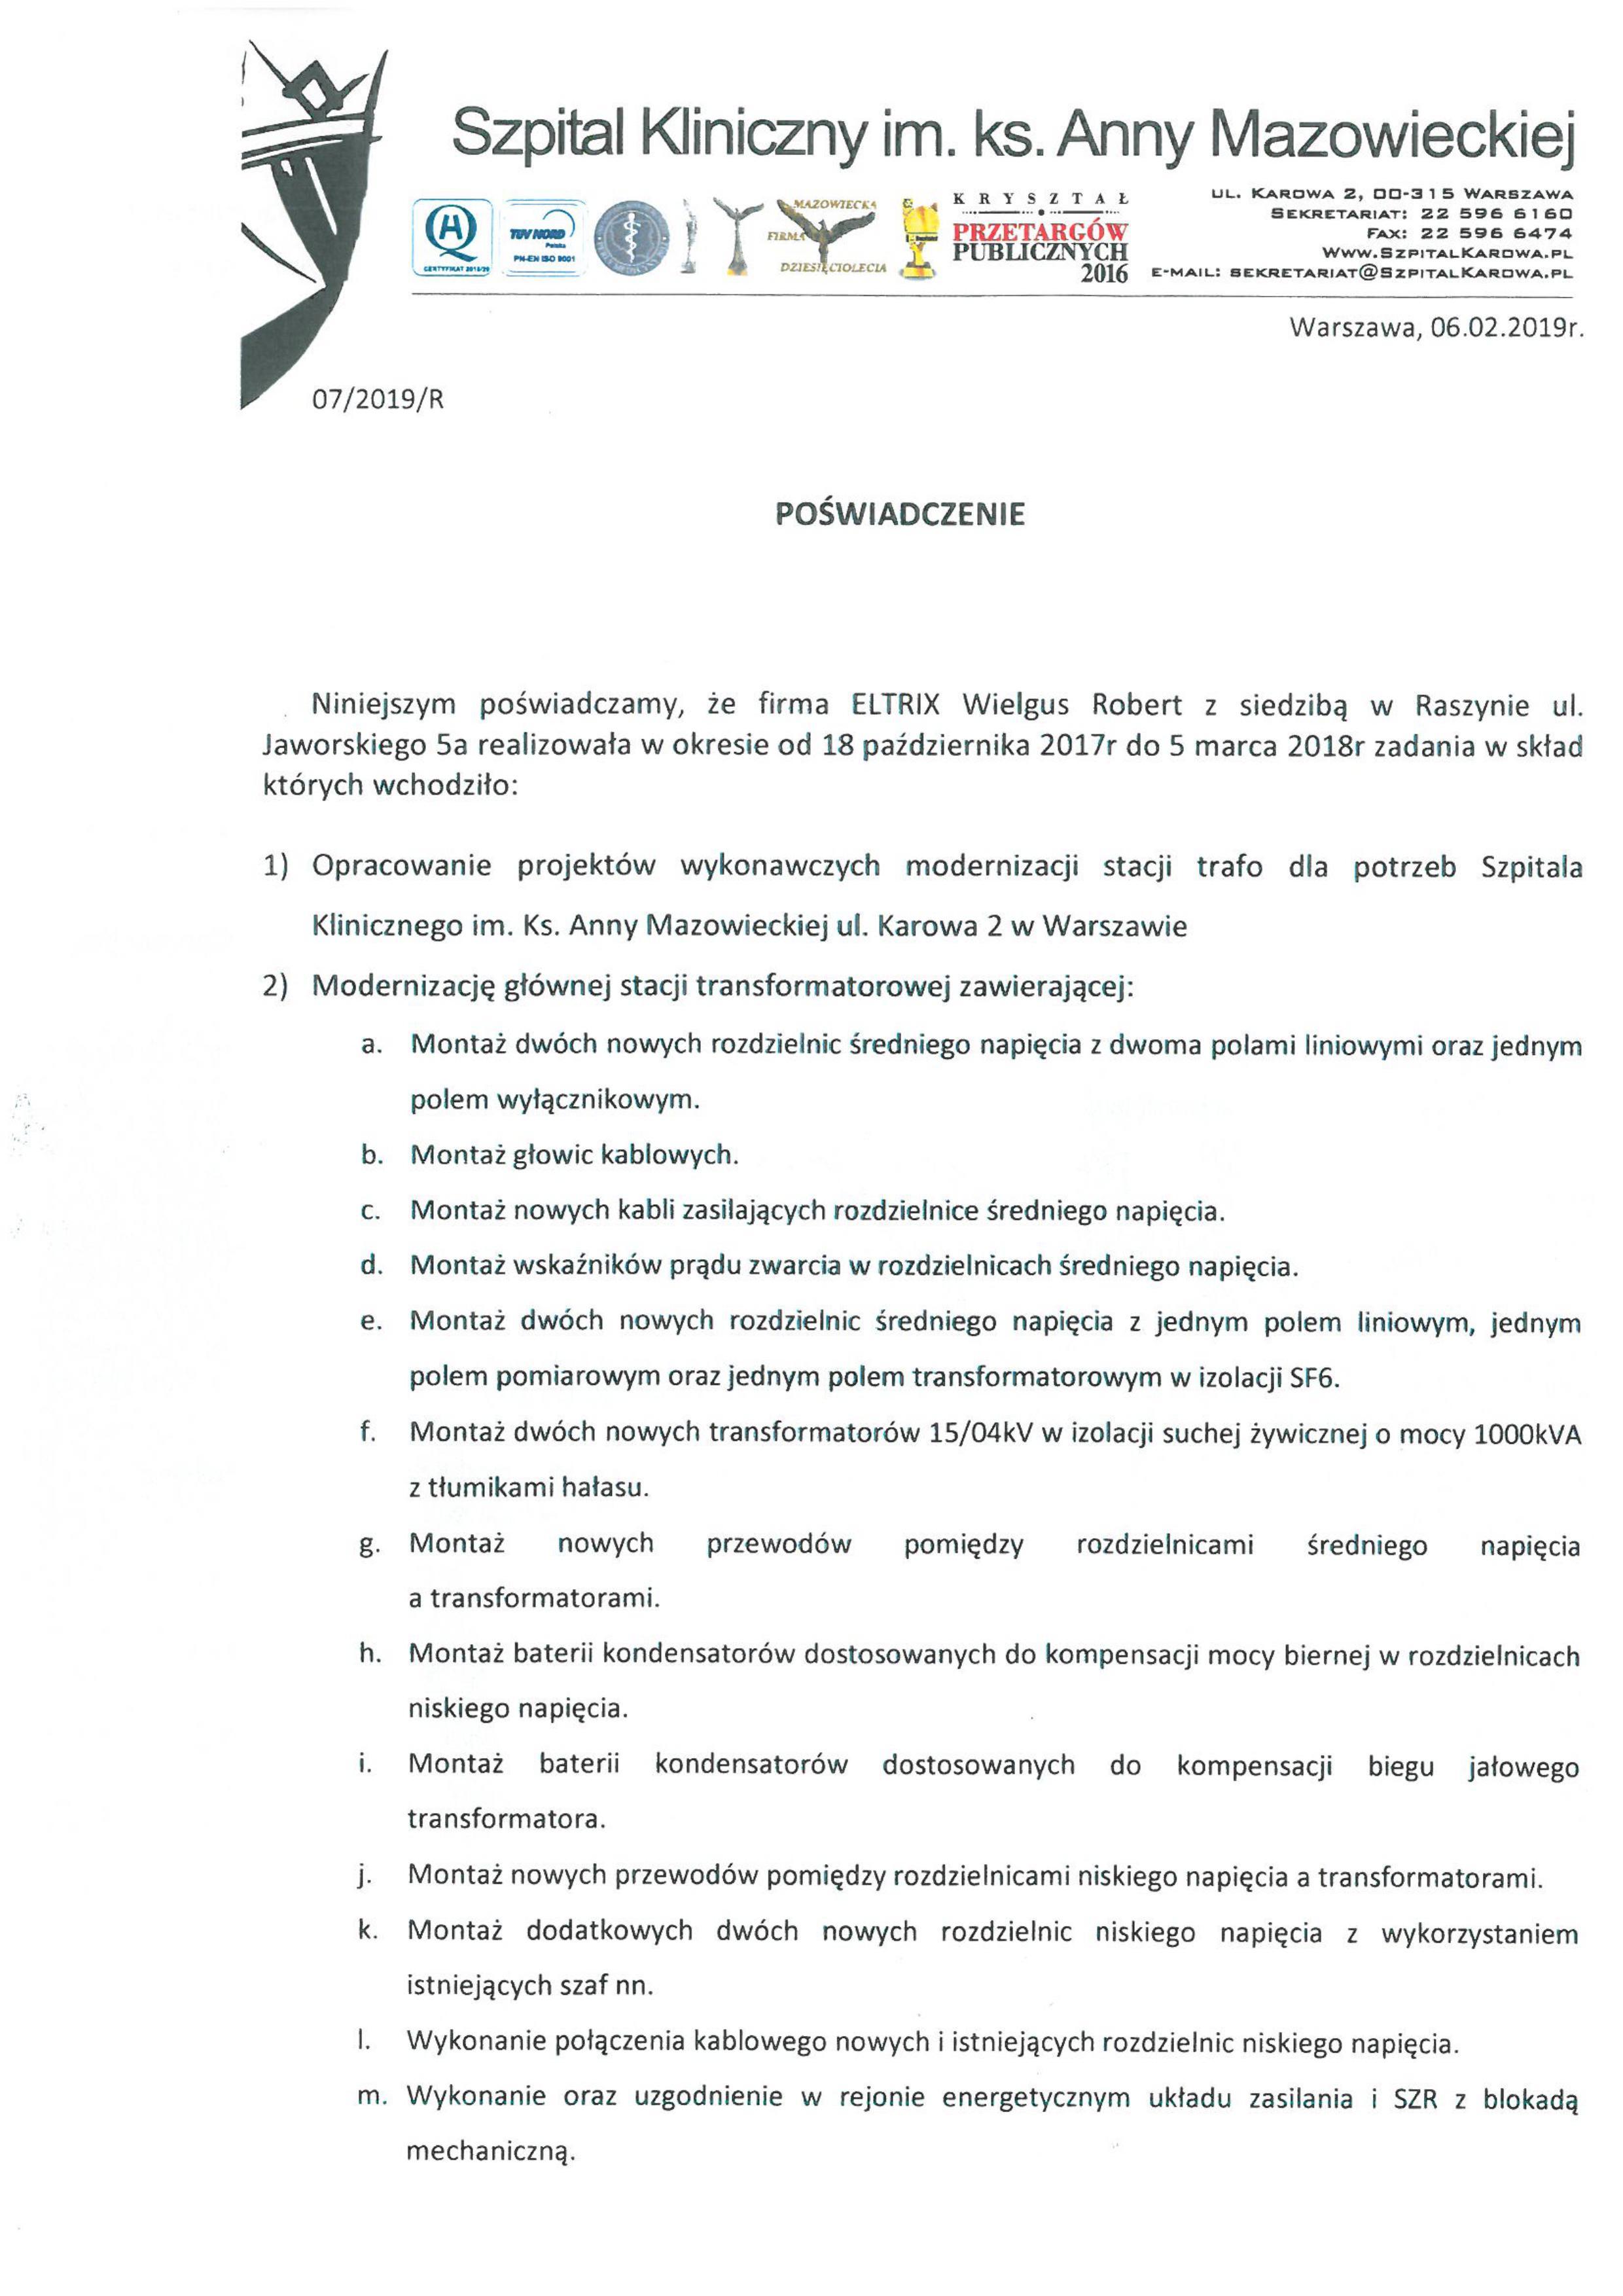 SzpitalKarowa1